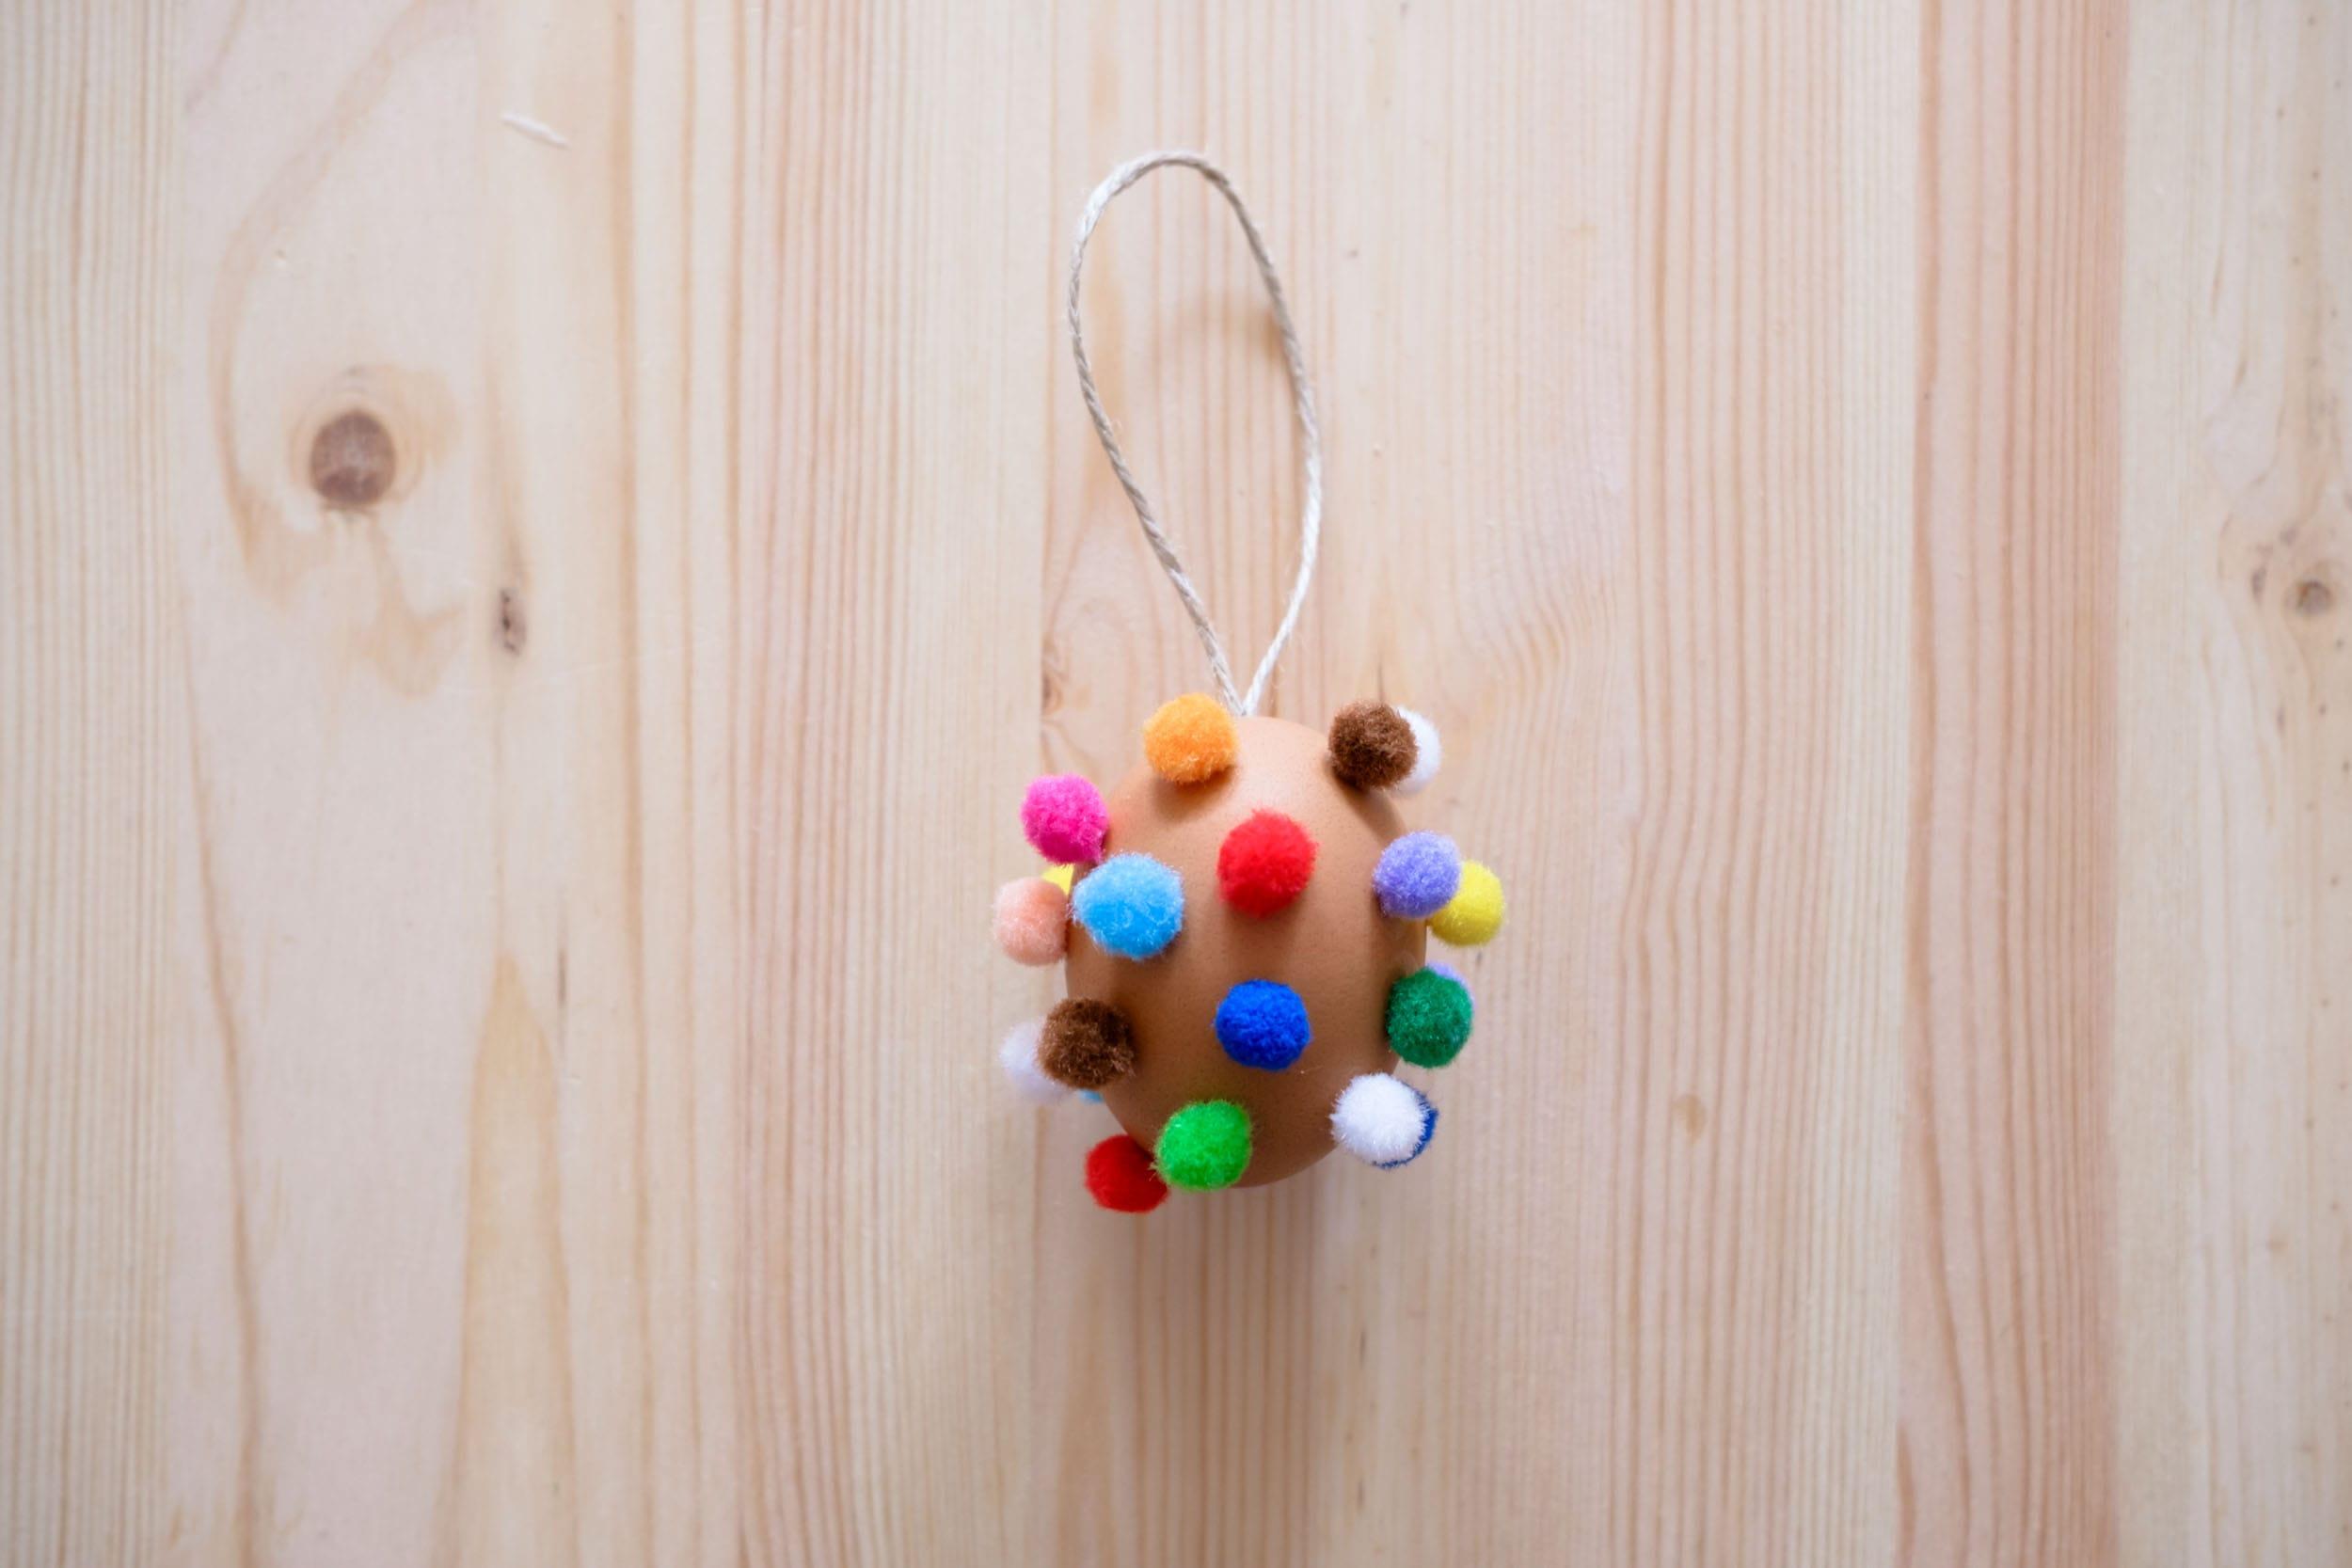 DIY Bunte Bommeleier | Osterdeko basteln | Ostereier mit bunten Bommeln | Anleitung | Basteln mit Kindern | Ostern | Osterzweig | #ostern #basteln #diy | Mehr auf https://ivy.li